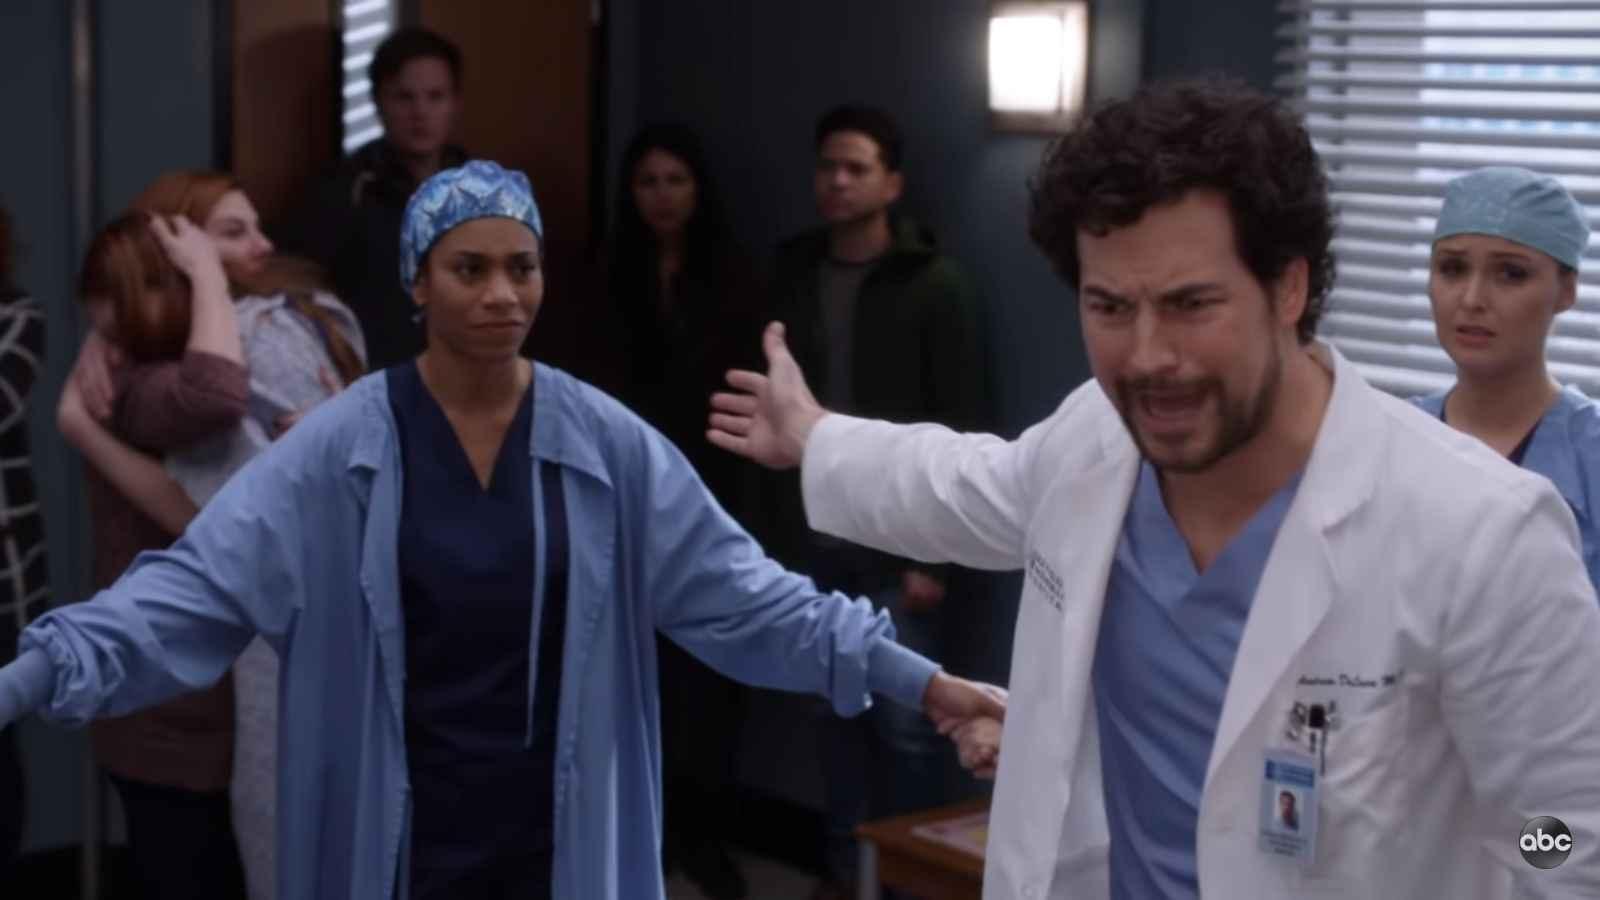 Giacomo Gianniotti as DeLuca on Grey's Anatomy on ABC